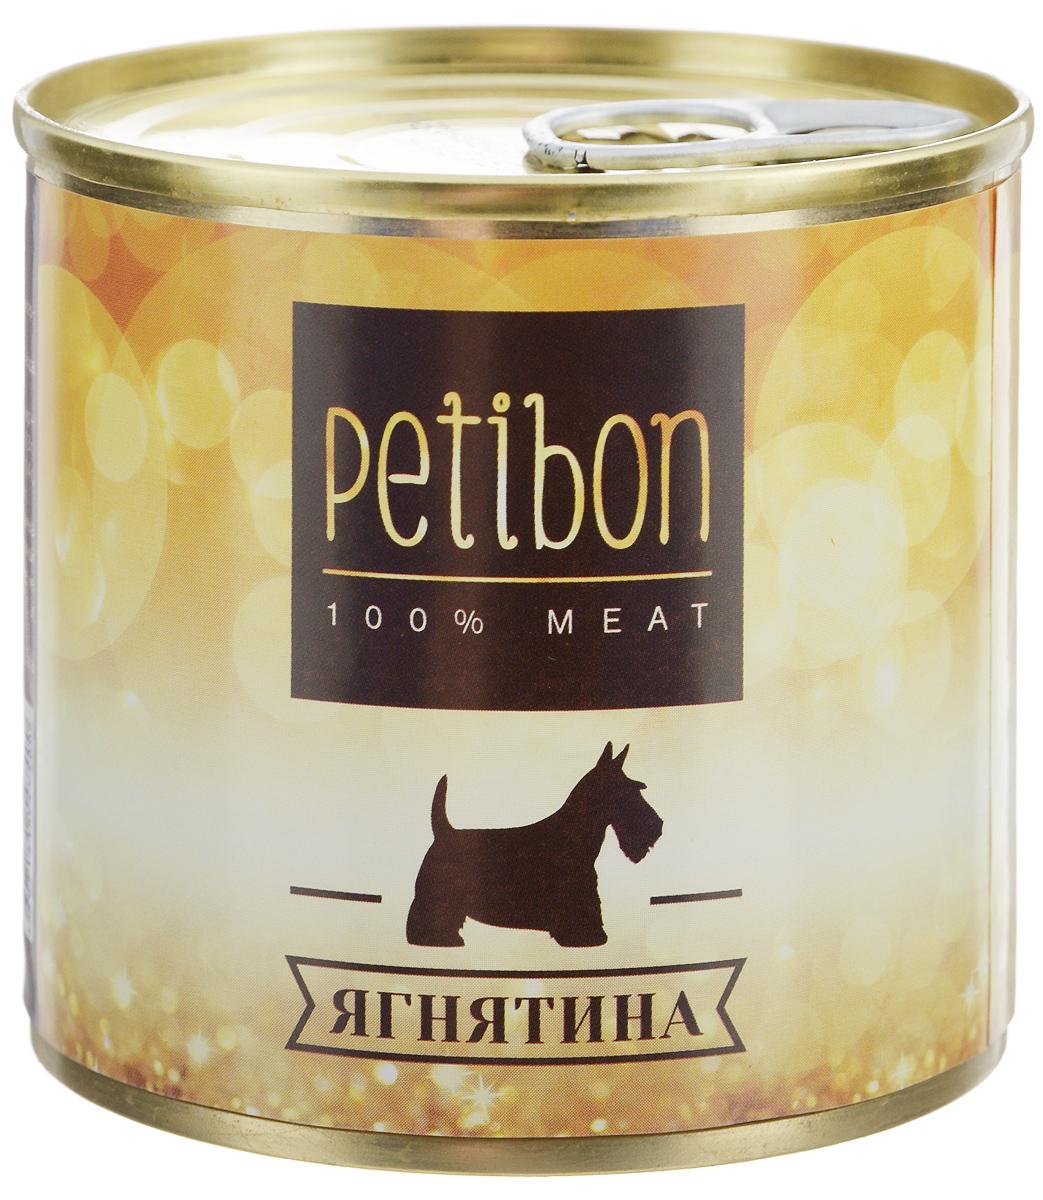 Консервы для собак Petibon, с ягненком, 240 г315141004Petibon - влажный мясной корм для собак. Использование монобелкового комплексного сырья значительно расширяет аминокислотный состав продукта. Использование корма рекомендовано для собак, нуждающихся в диете или определённом виде мяса. Товар сертифицирован.